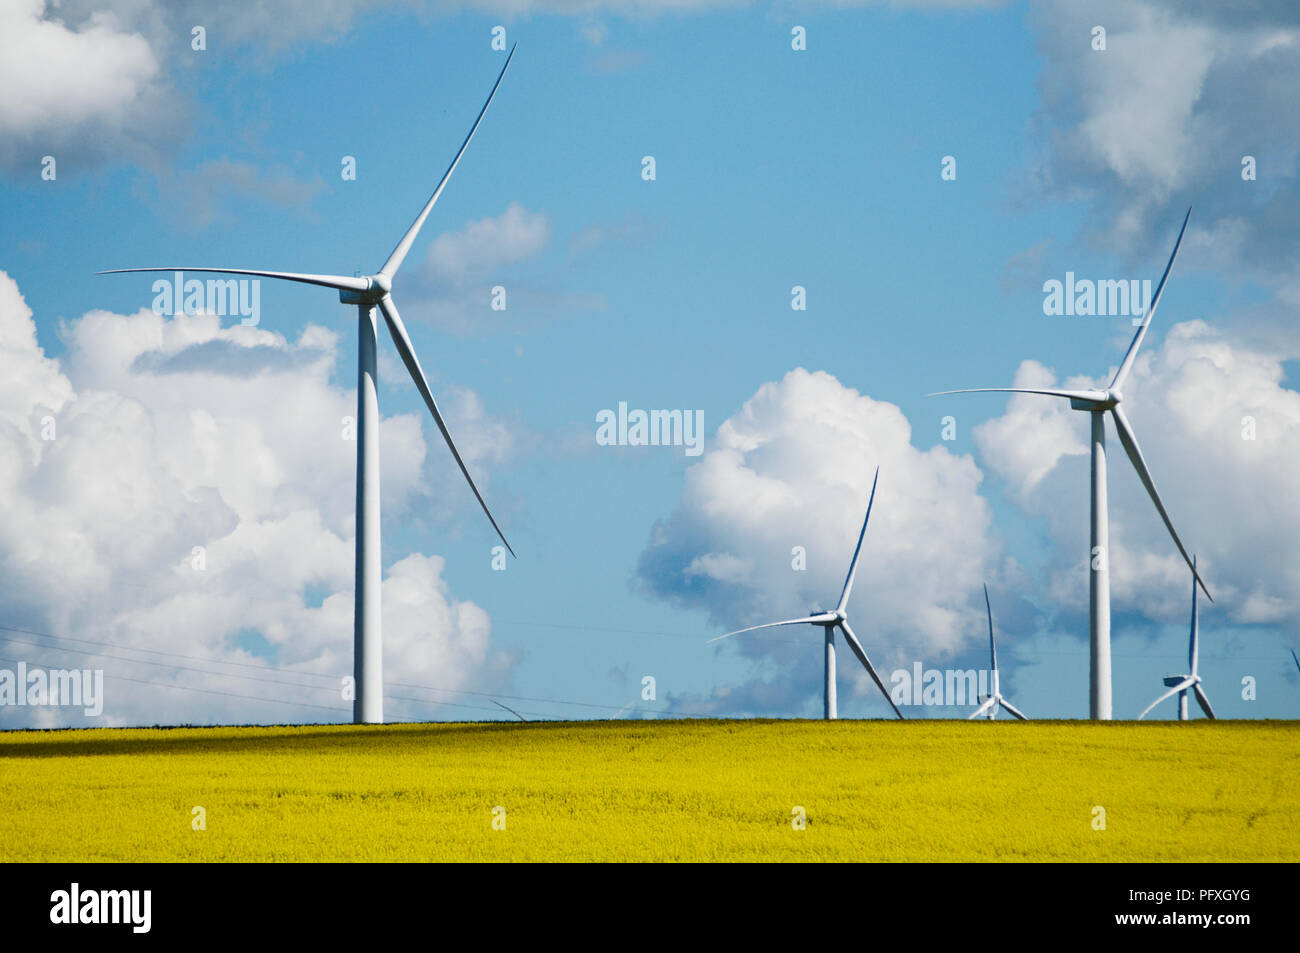 El parque eólico Cerro Corral es un proyecto de energía eólica ubicada a 35 km al oeste de Ballarat en Victoria del altiplano central, conocida como los Pirineos, Australia Imagen De Stock